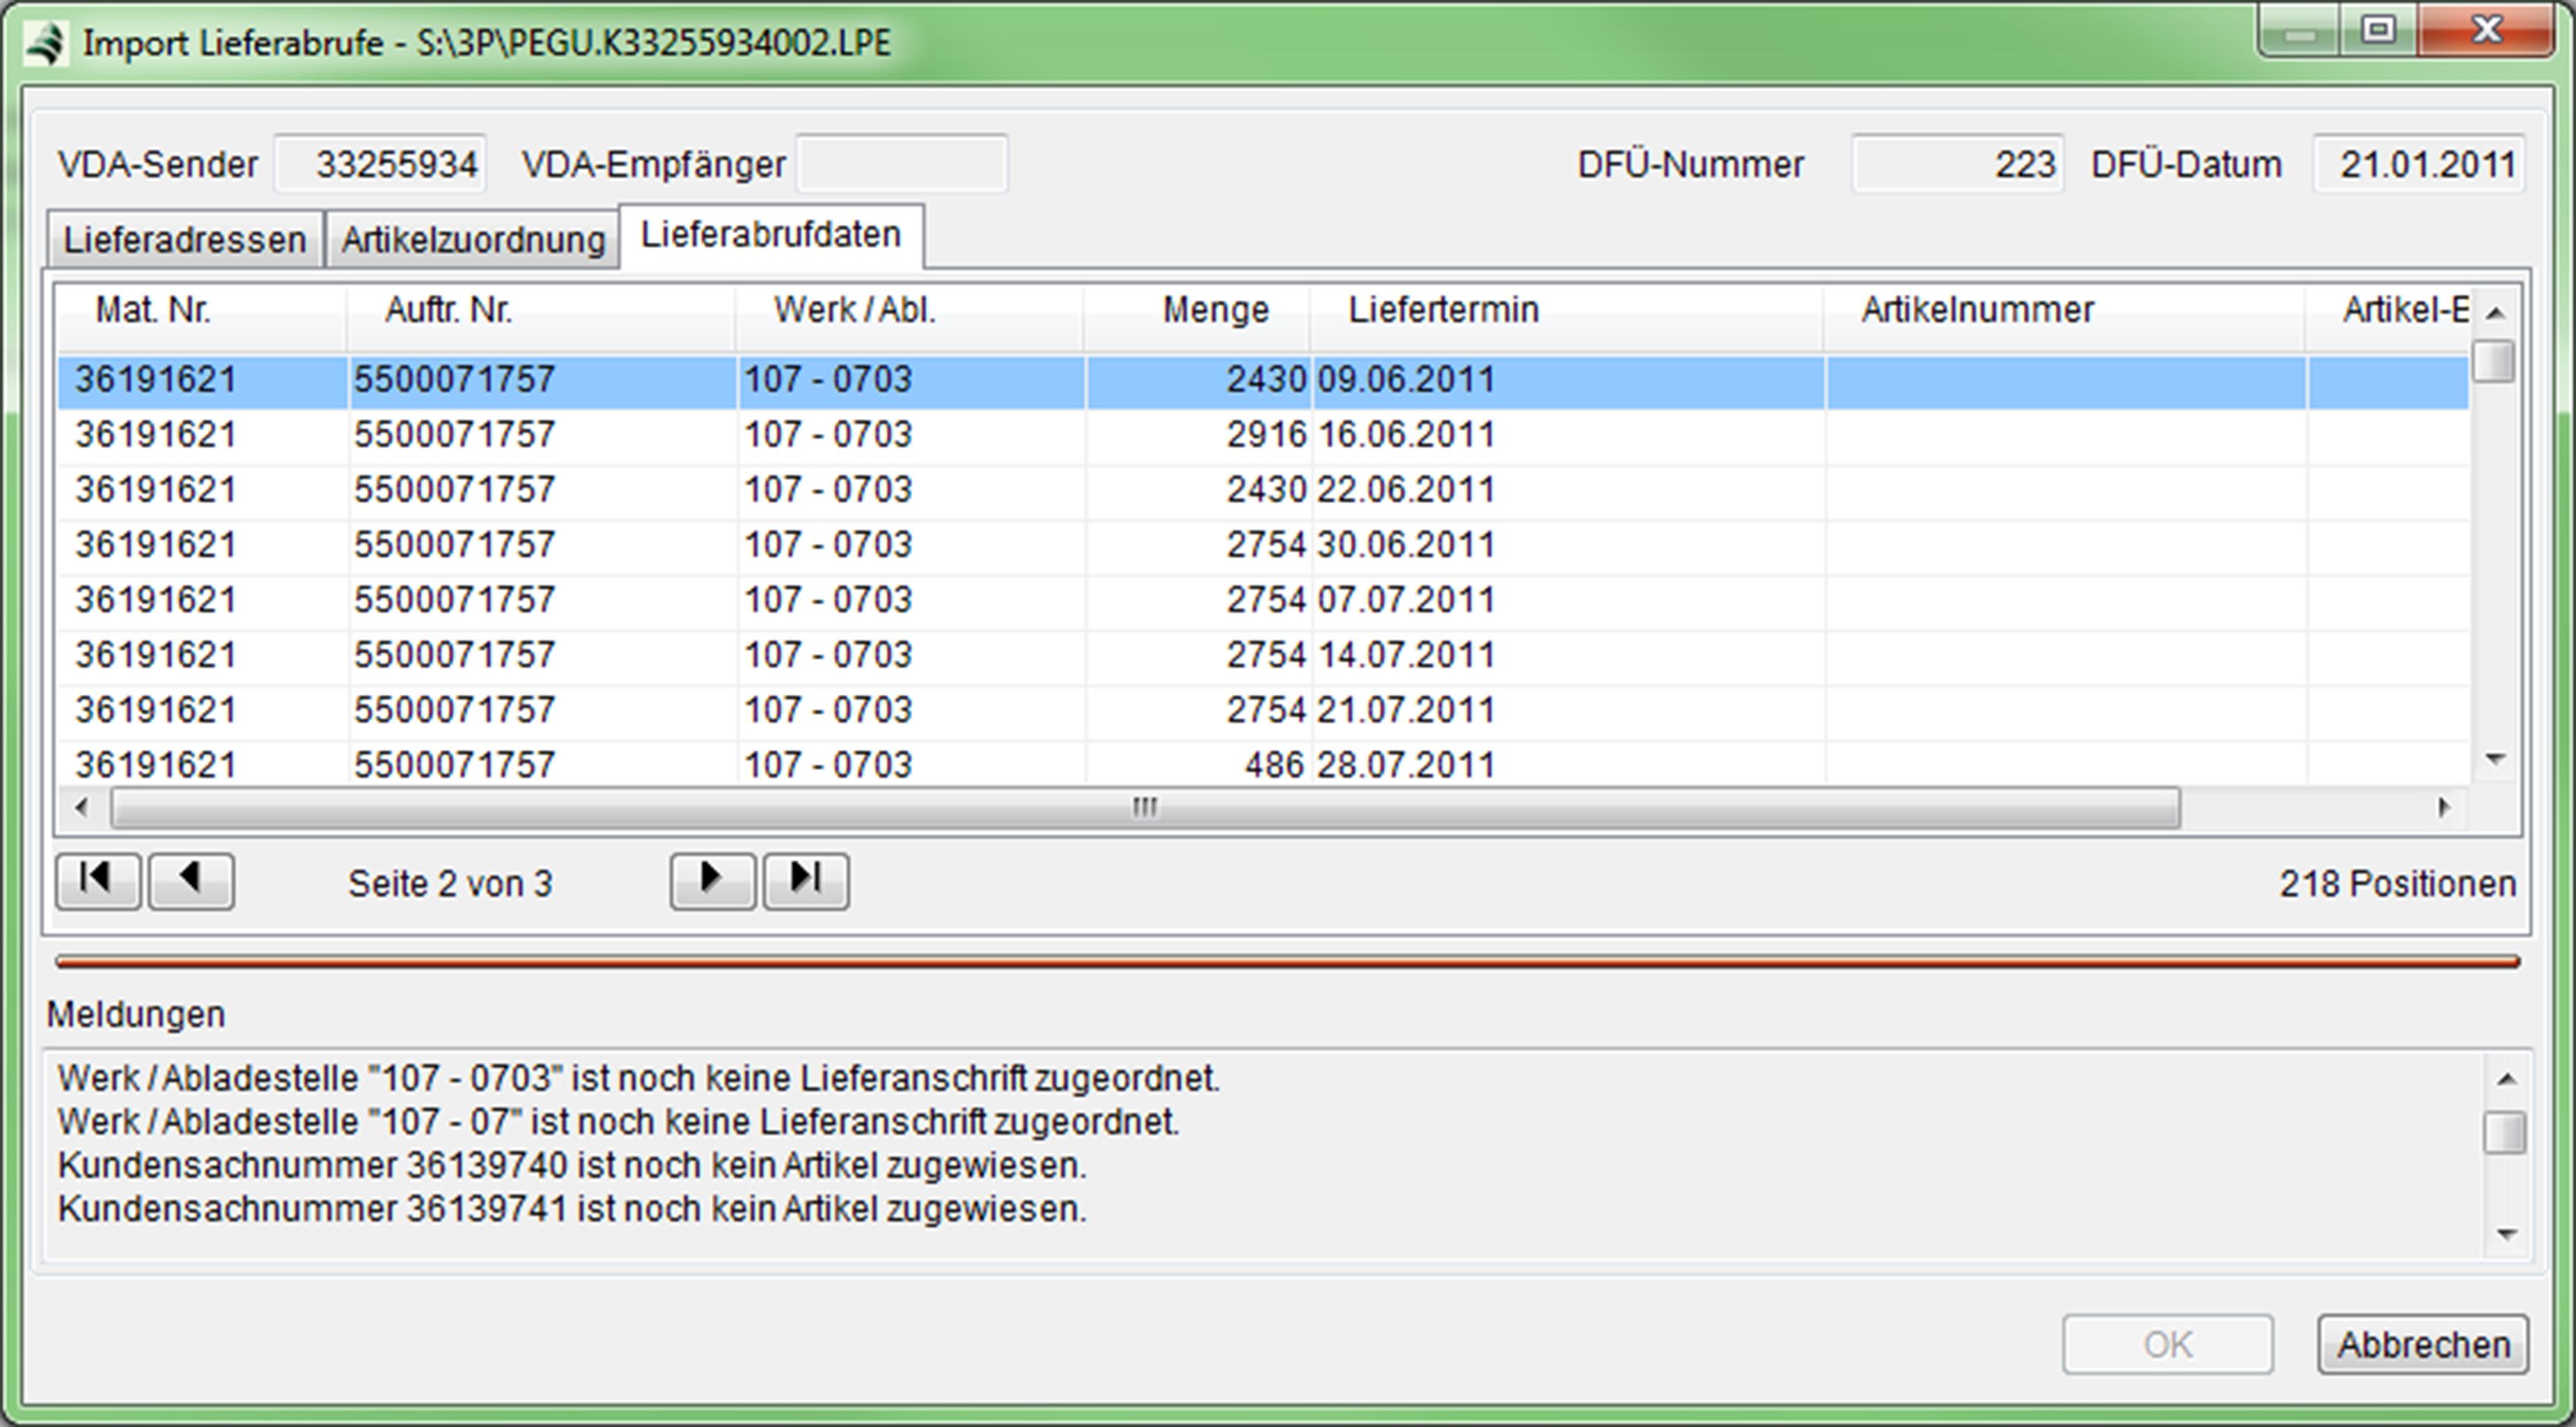 Import VDA-Lieferabrufe